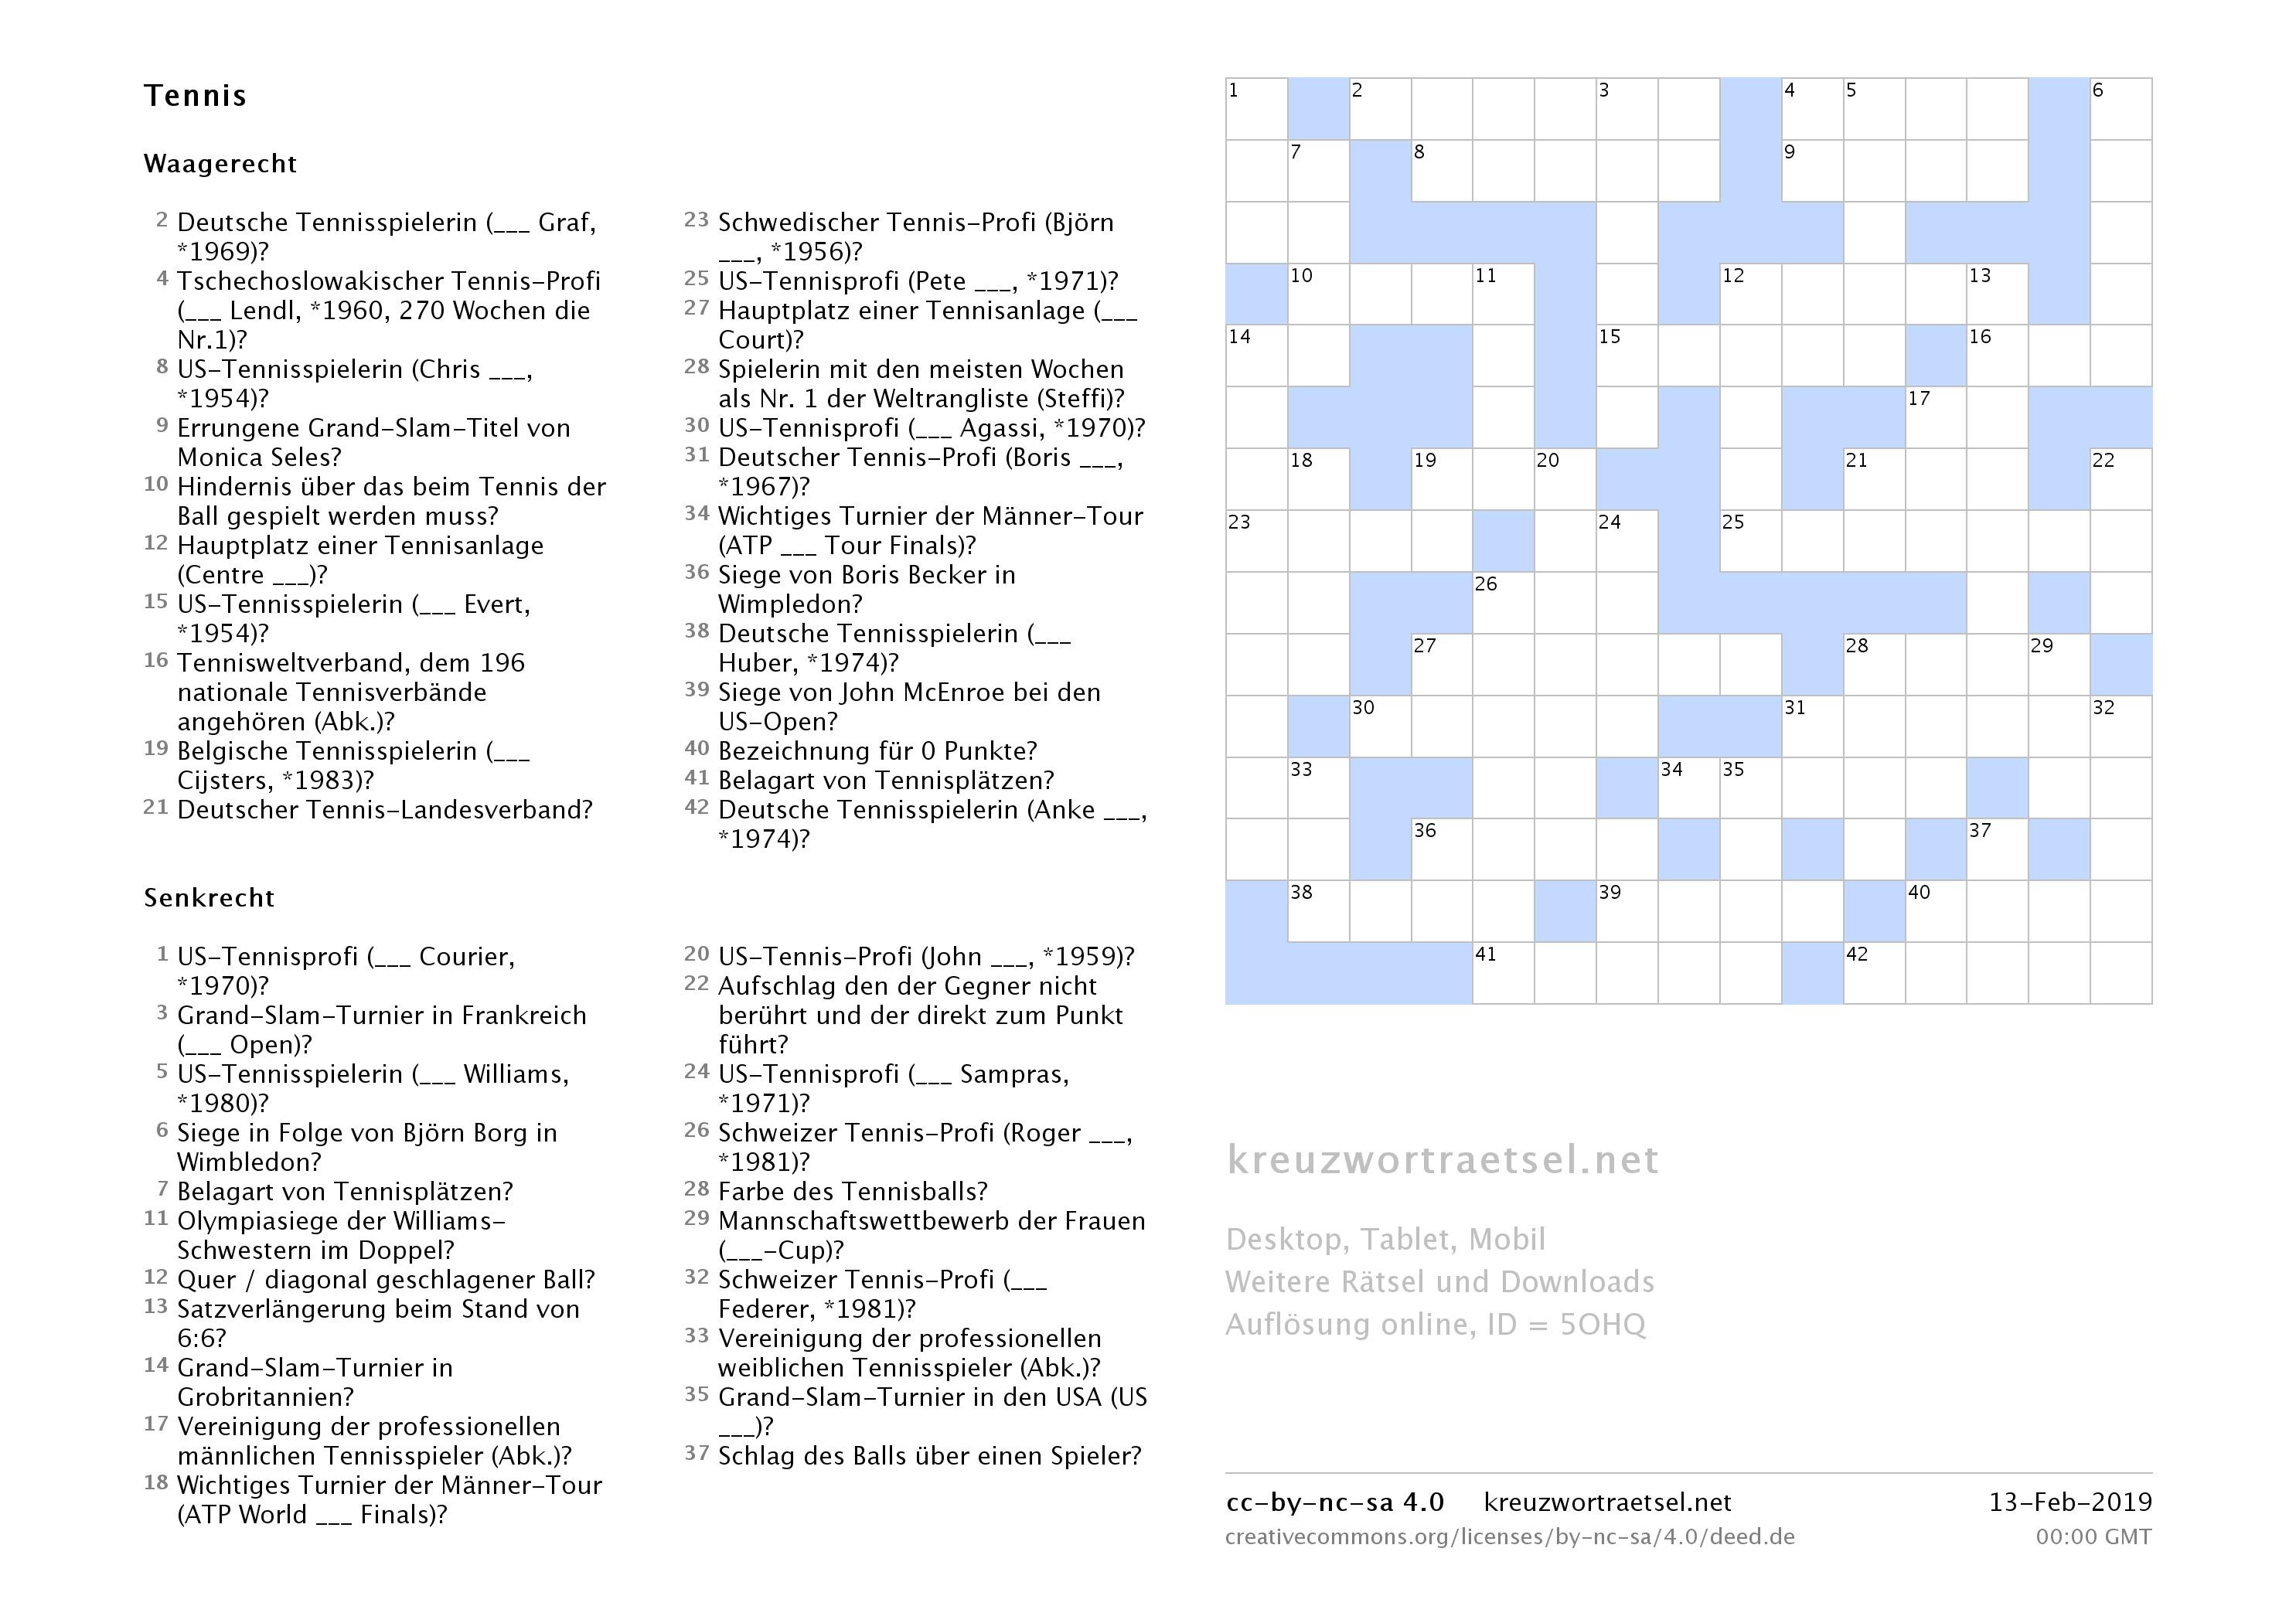 Wortsuchrätsel Zum Ausdrucken Frisch Kreuzworträtsel Tennis Kreuzworträtsel Sammlung